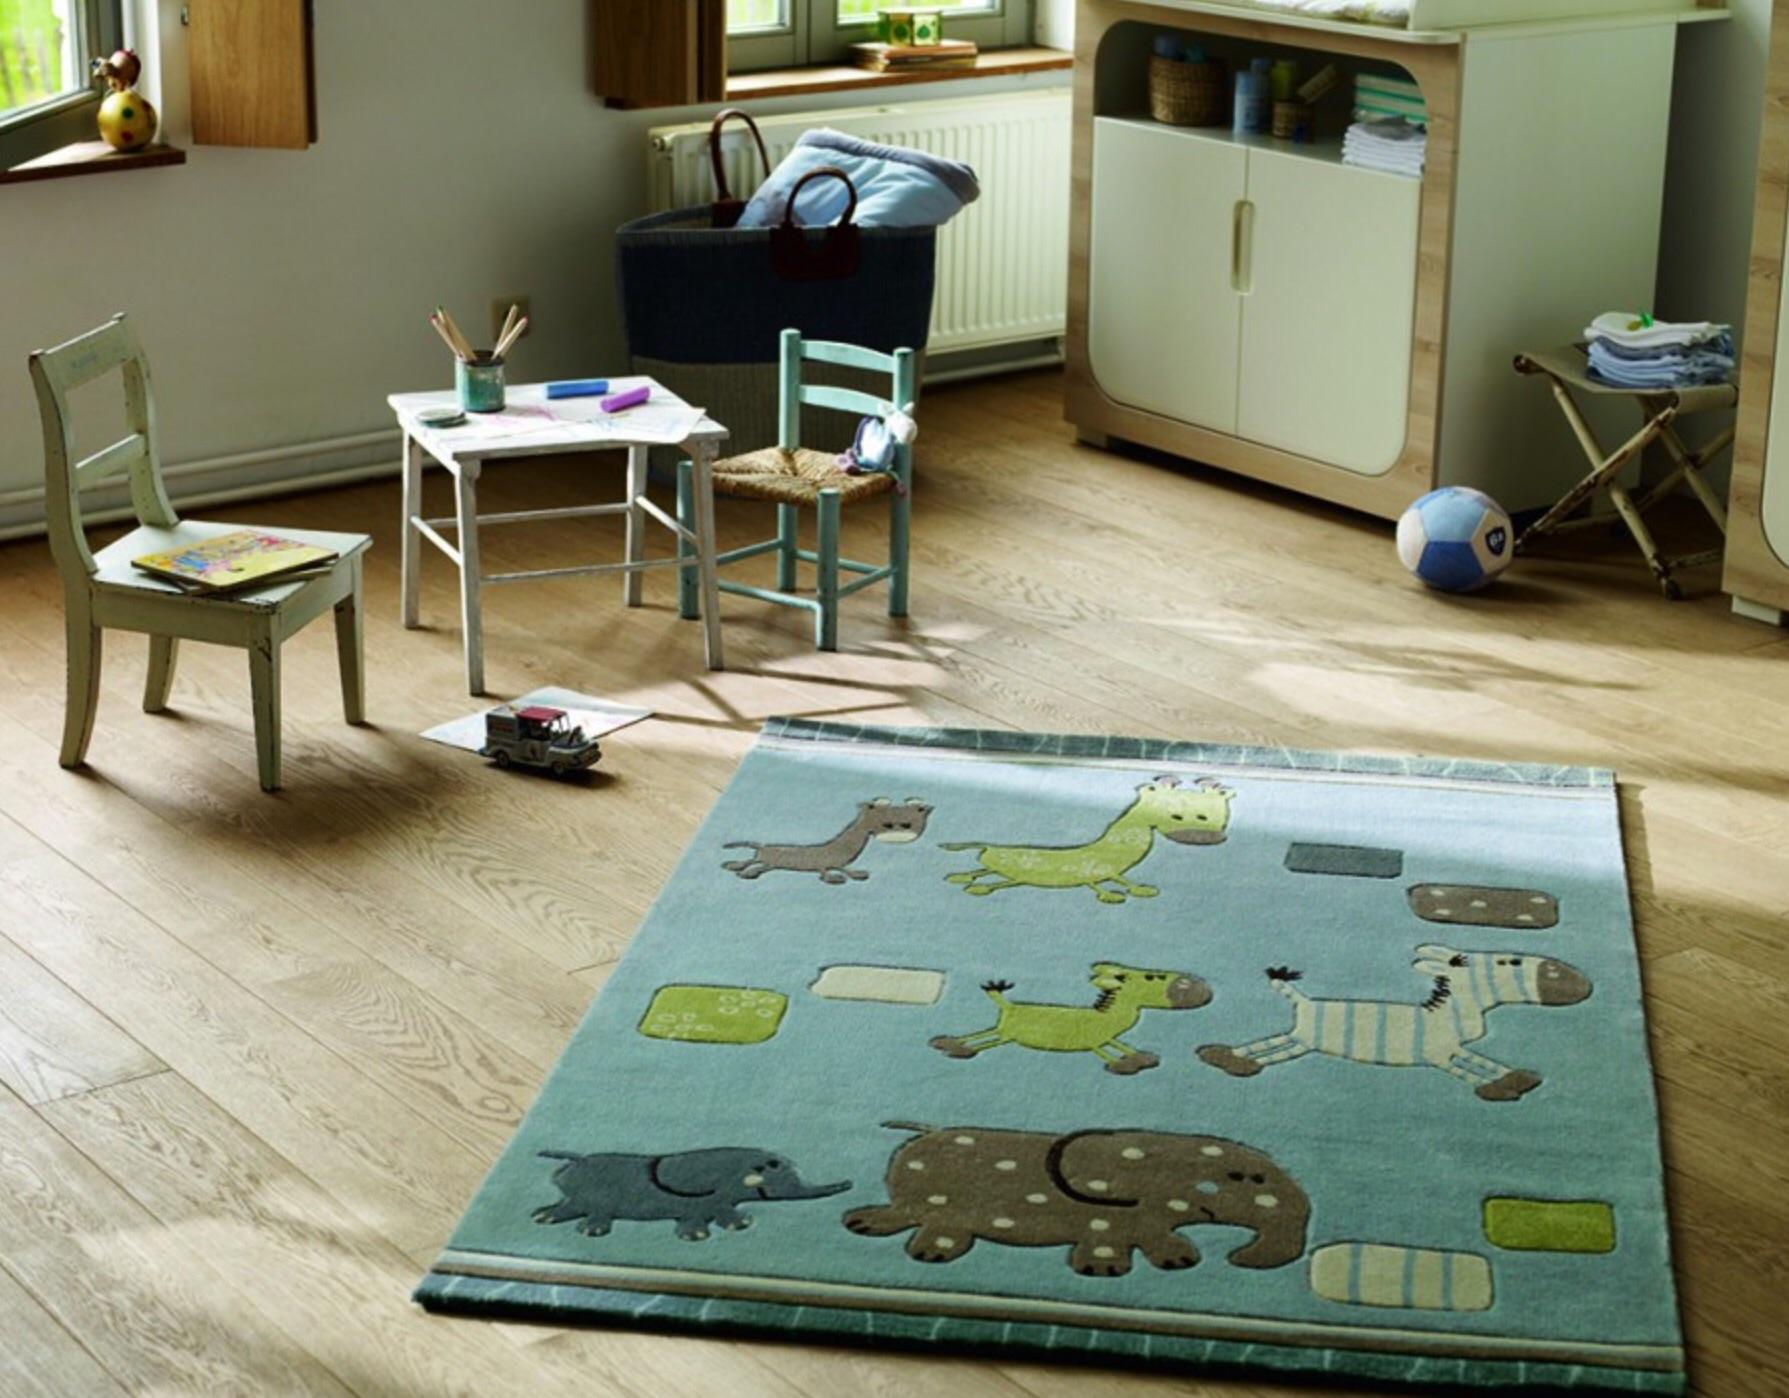 der teppich f r das perfekte kinderzimmer mamablog einer schreit immer. Black Bedroom Furniture Sets. Home Design Ideas